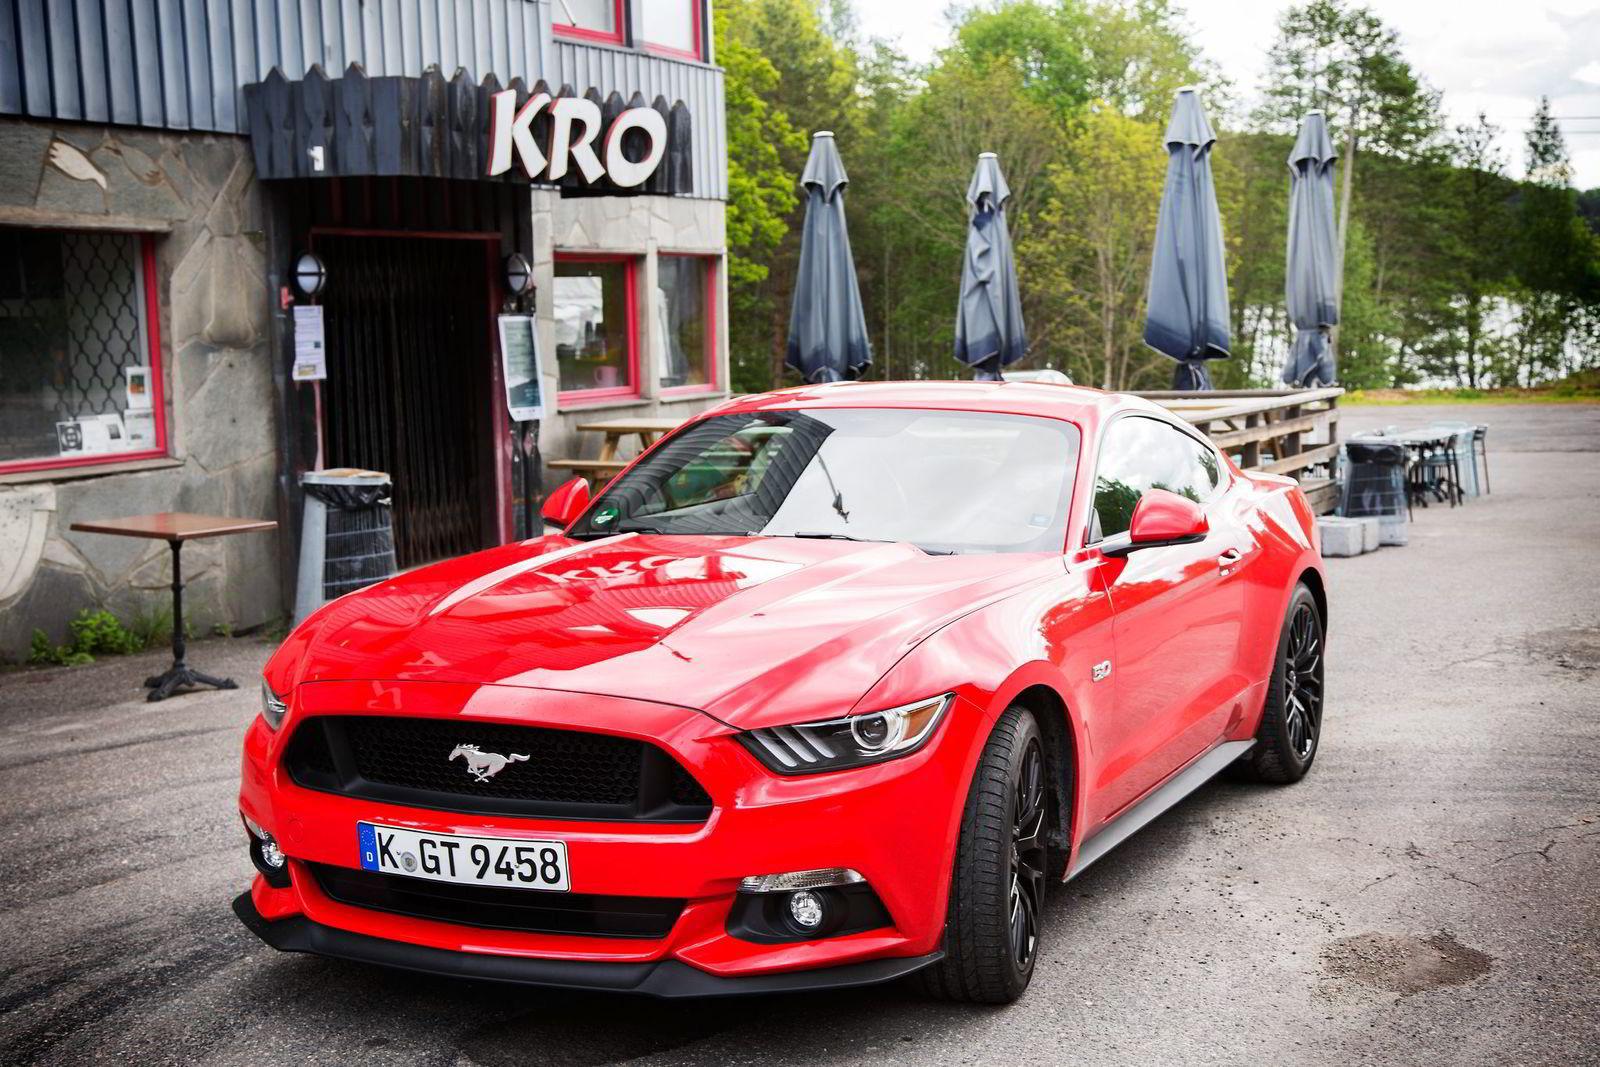 Sagnomsuste Ford Mustang blir endelig å se på norske veier, om enn i få eksemplarer. Mens bilen er prisen til rundt 300 000 kroner i USA, tipper den millionen med norske skilter.